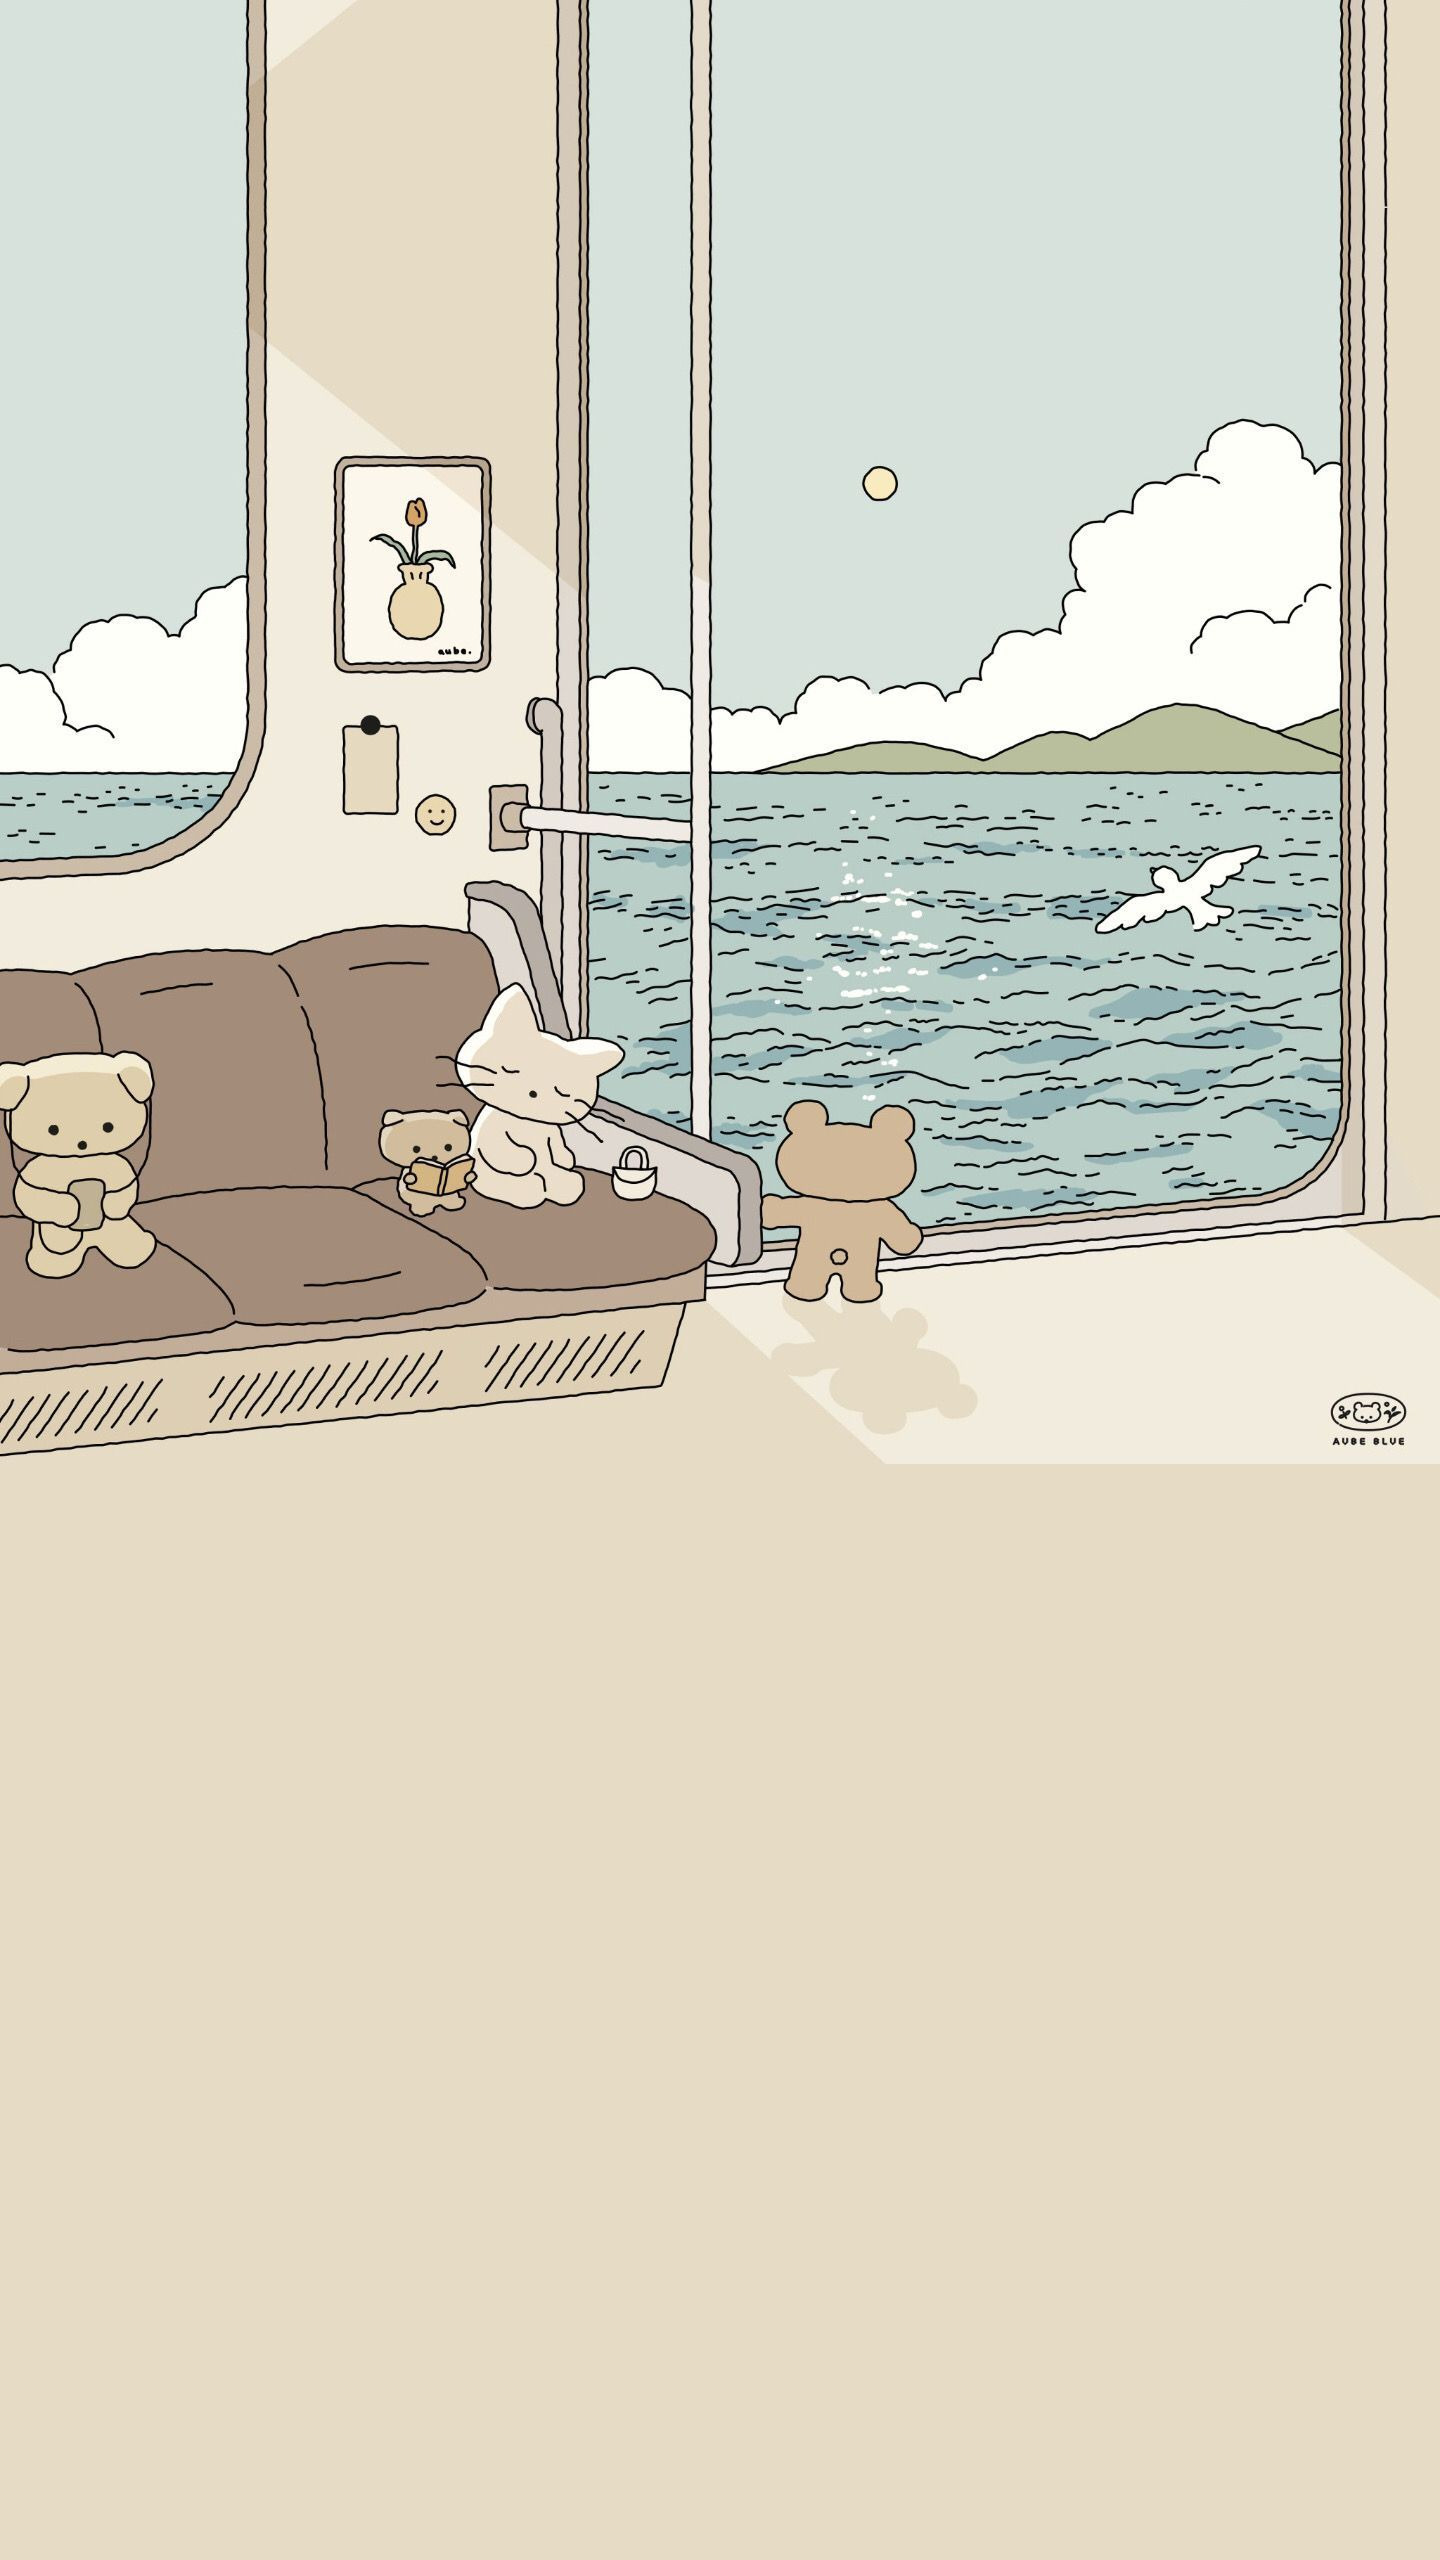 Images By Linel̶̶e̶̶s̶̶s̶ -- On •wallpaper• In 2021   Cute Cartoon Wallpapers, Cartoon Wallpaper, Cute Pastel Wallpaper 95F